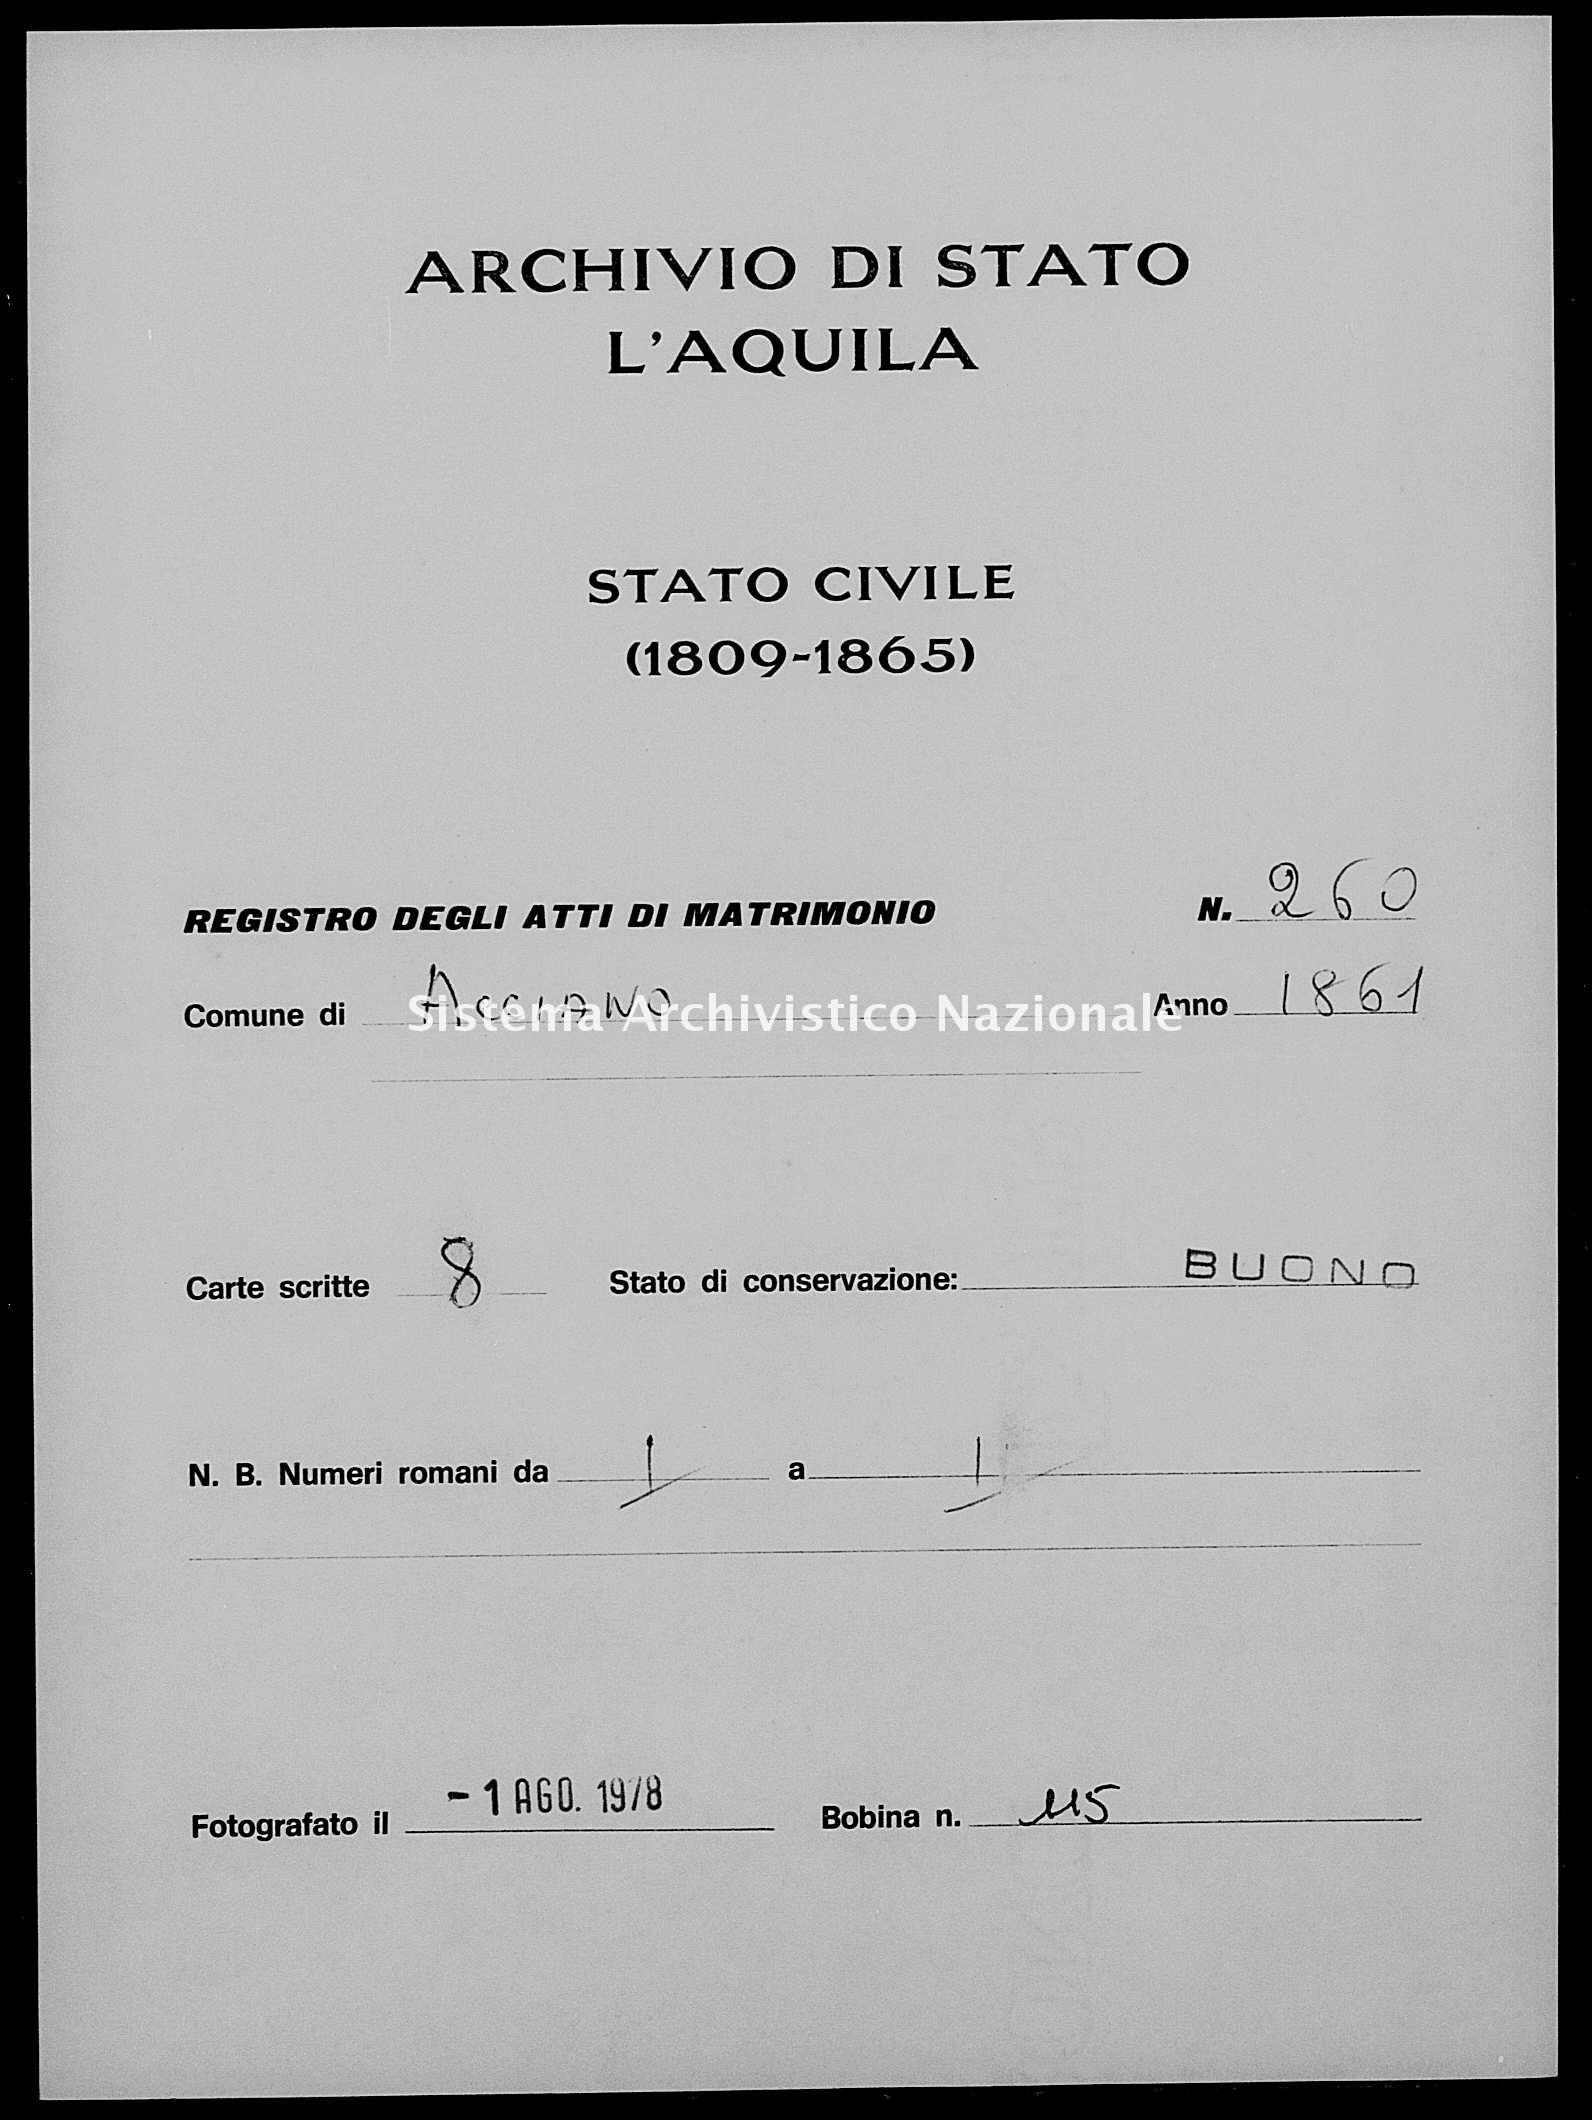 Archivio di stato di L'aquila - Stato civile italiano - Acciano - Matrimoni - 1861 - 260 -